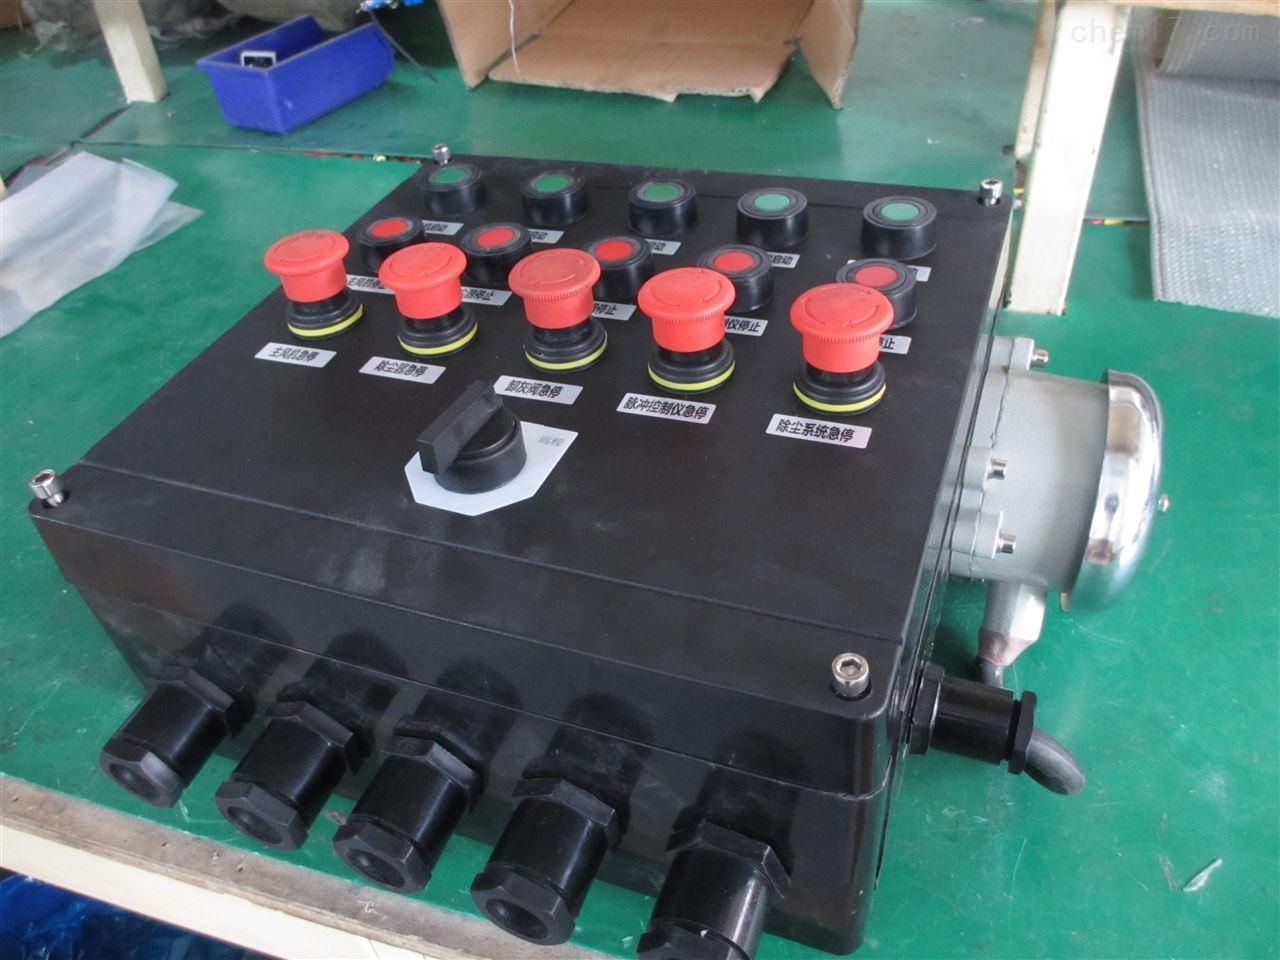 SFZ-N2A1D2G防水防尘防腐操作柱两钮一表两灯三防操作箱按钮盒报价